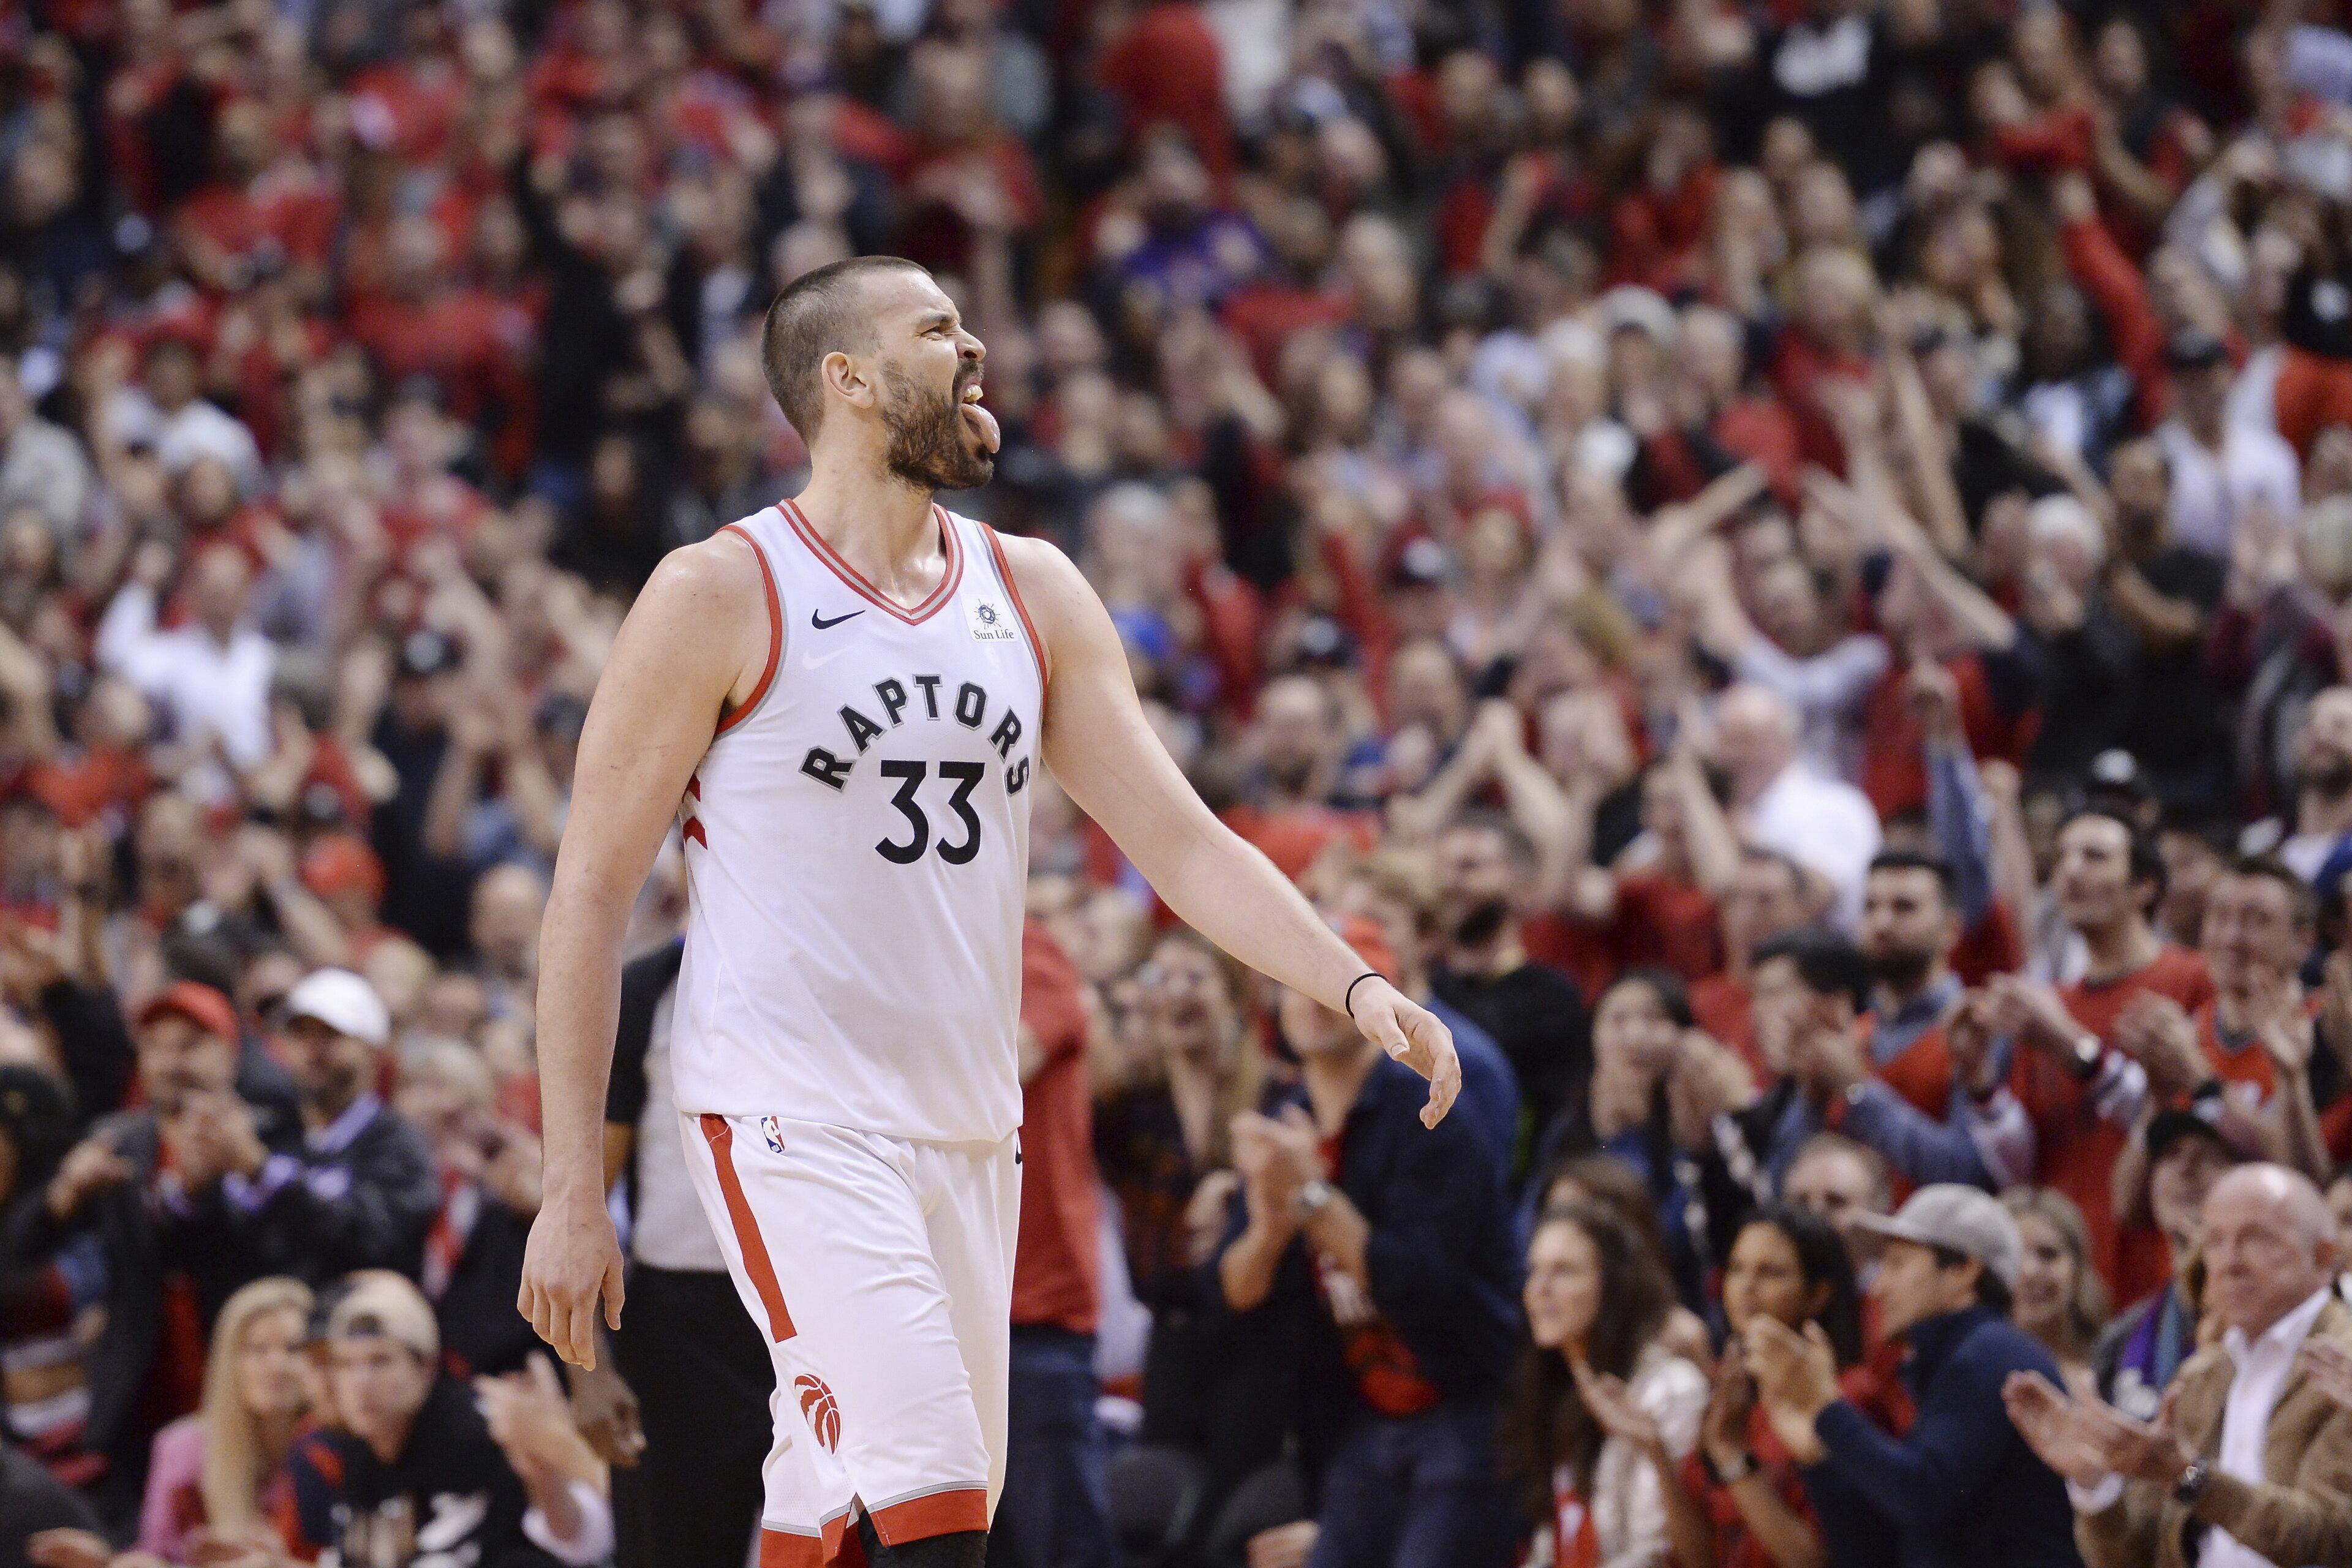 Năm lý do giúp Toronto Raptors xoay chuyển tình thế ngoạn mục ở chung kết miền Đông NBA Playoffs 2019